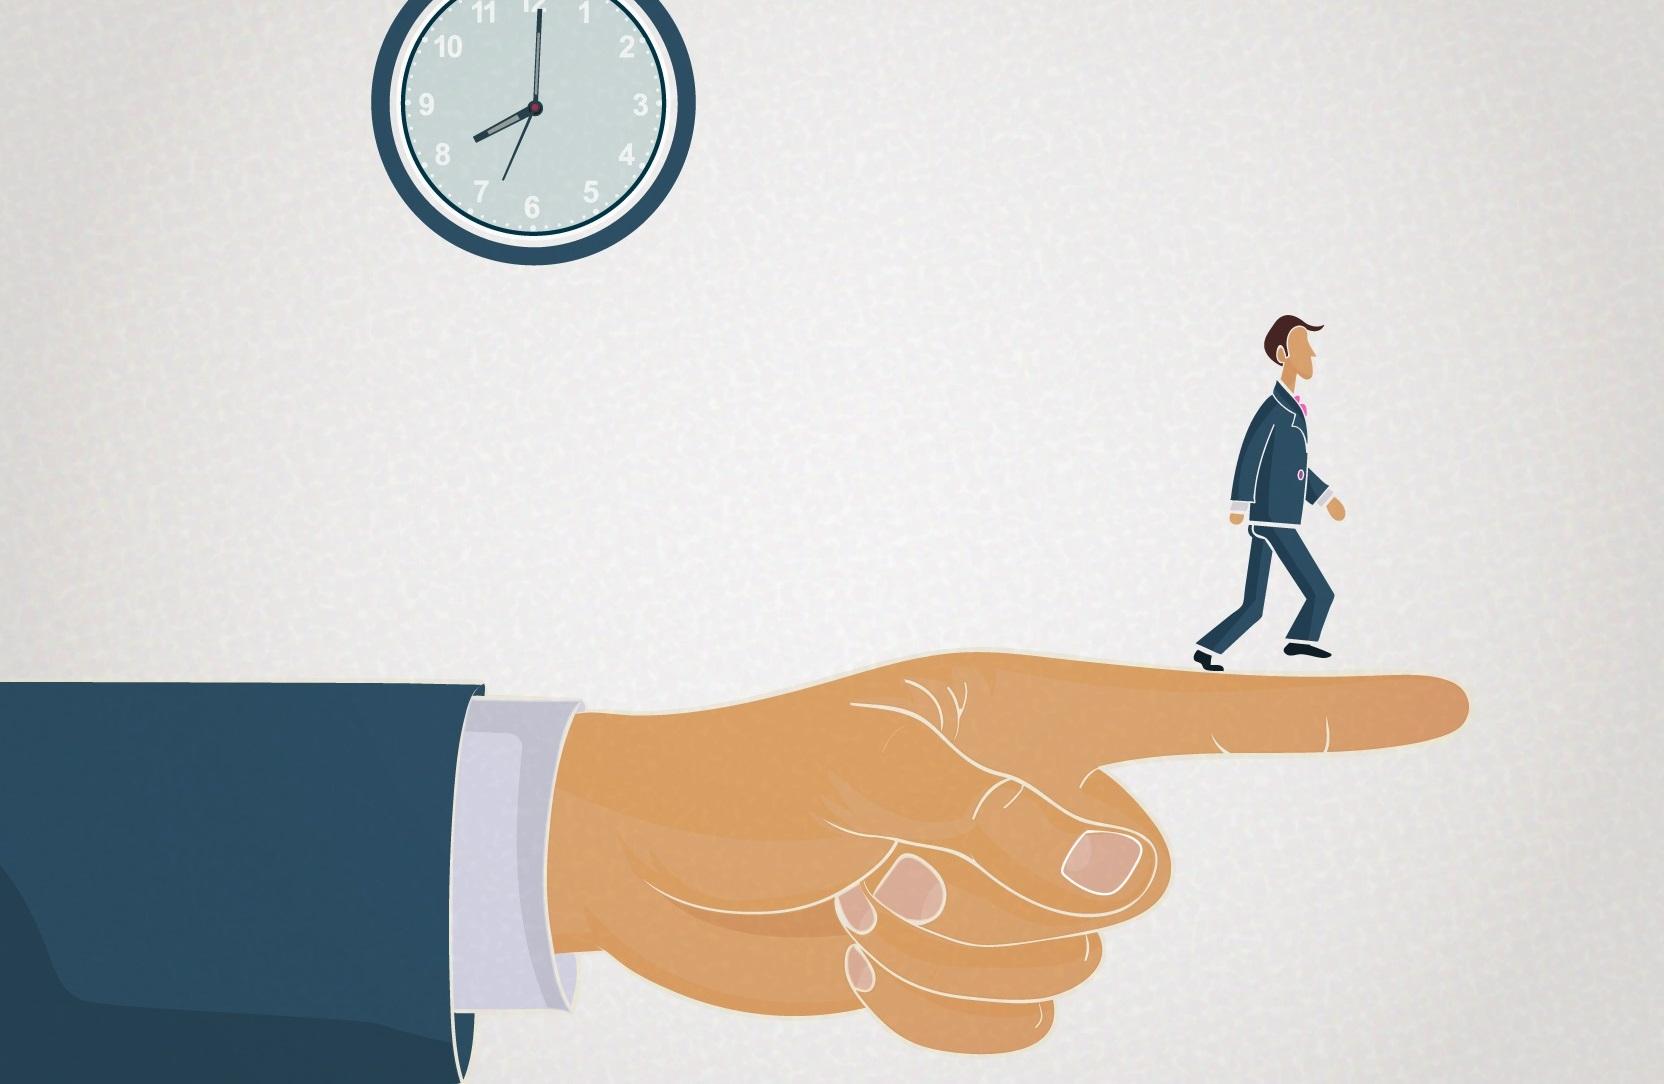 Como fazer a gestão de ponto eletrônico de acordo com a reforma trabalhista?